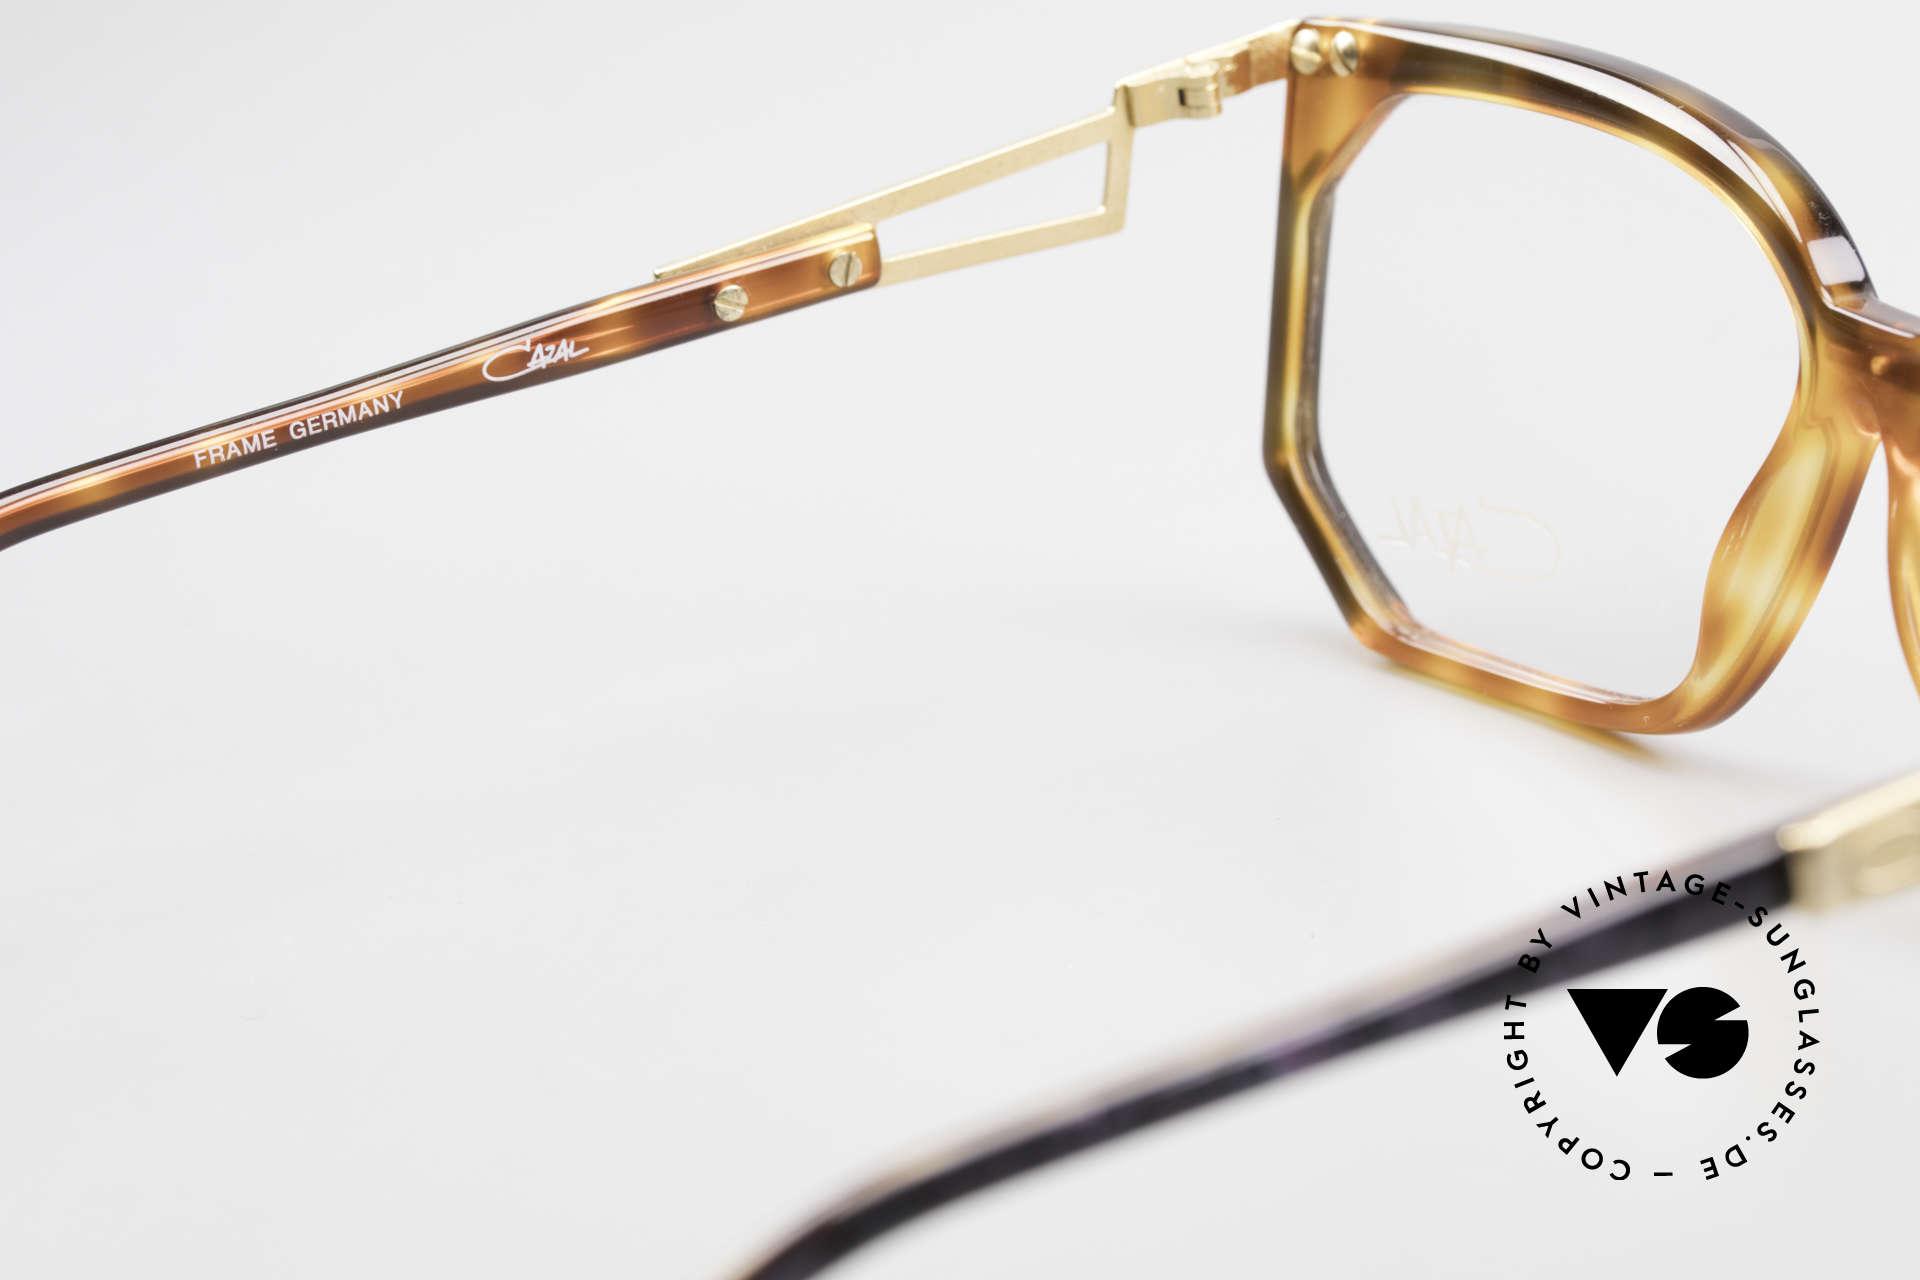 Cazal 333 Echt Vintage HipHop Brille 90s, Cazal Demogläser können beliebig ersetzt werden, Passend für Herren und Damen